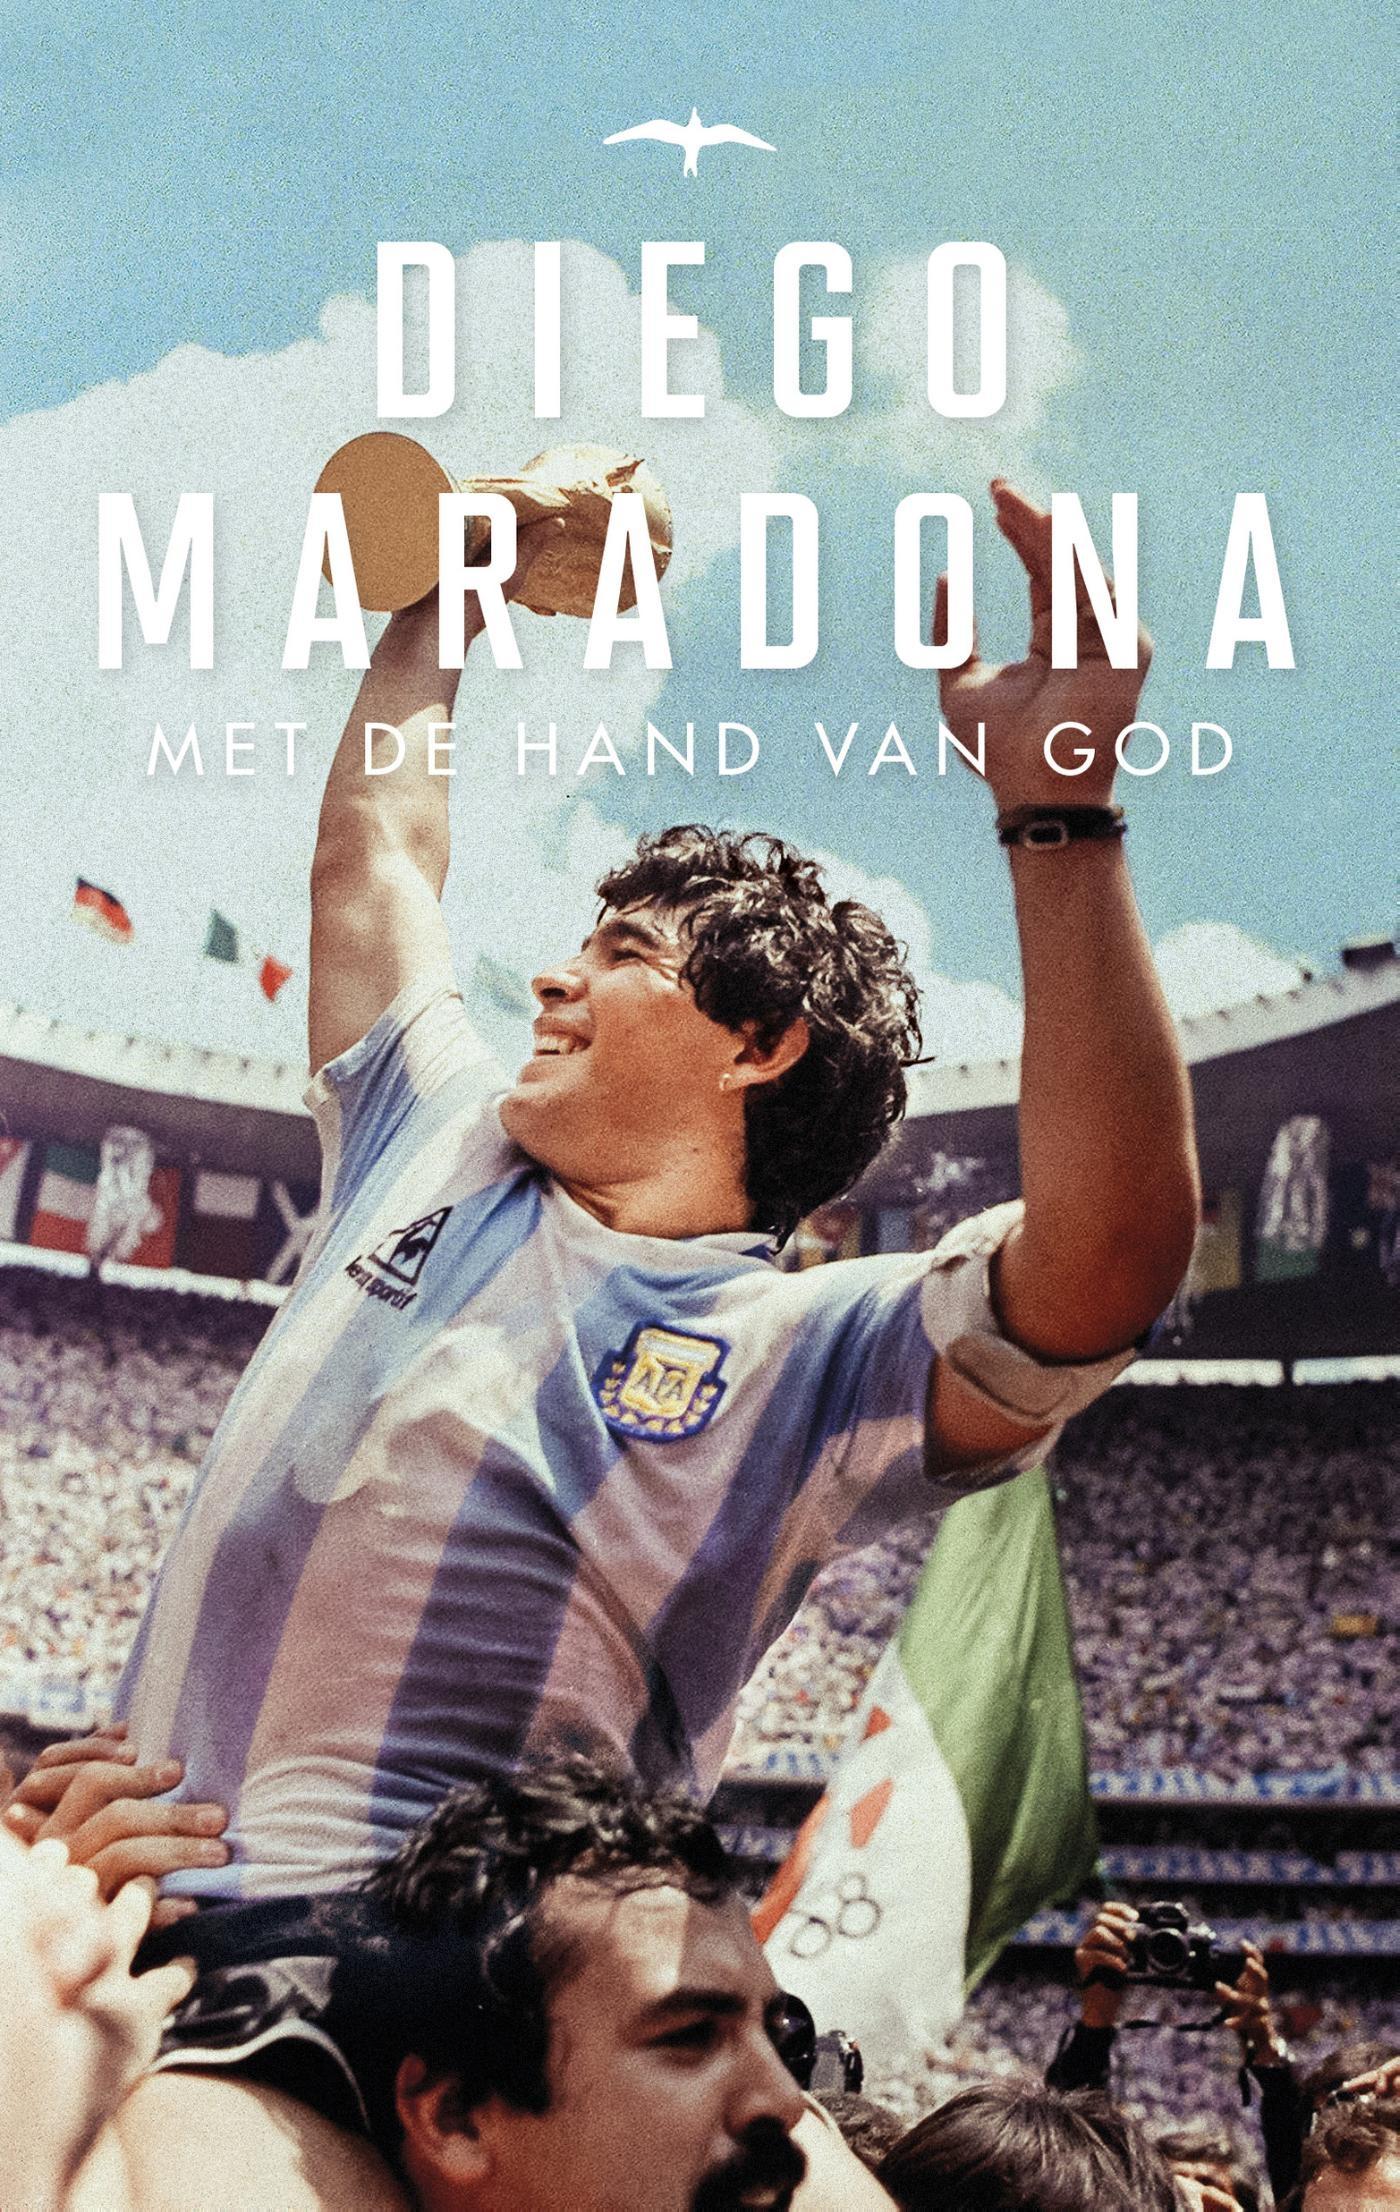 Met de hand van god – Diego Maradona